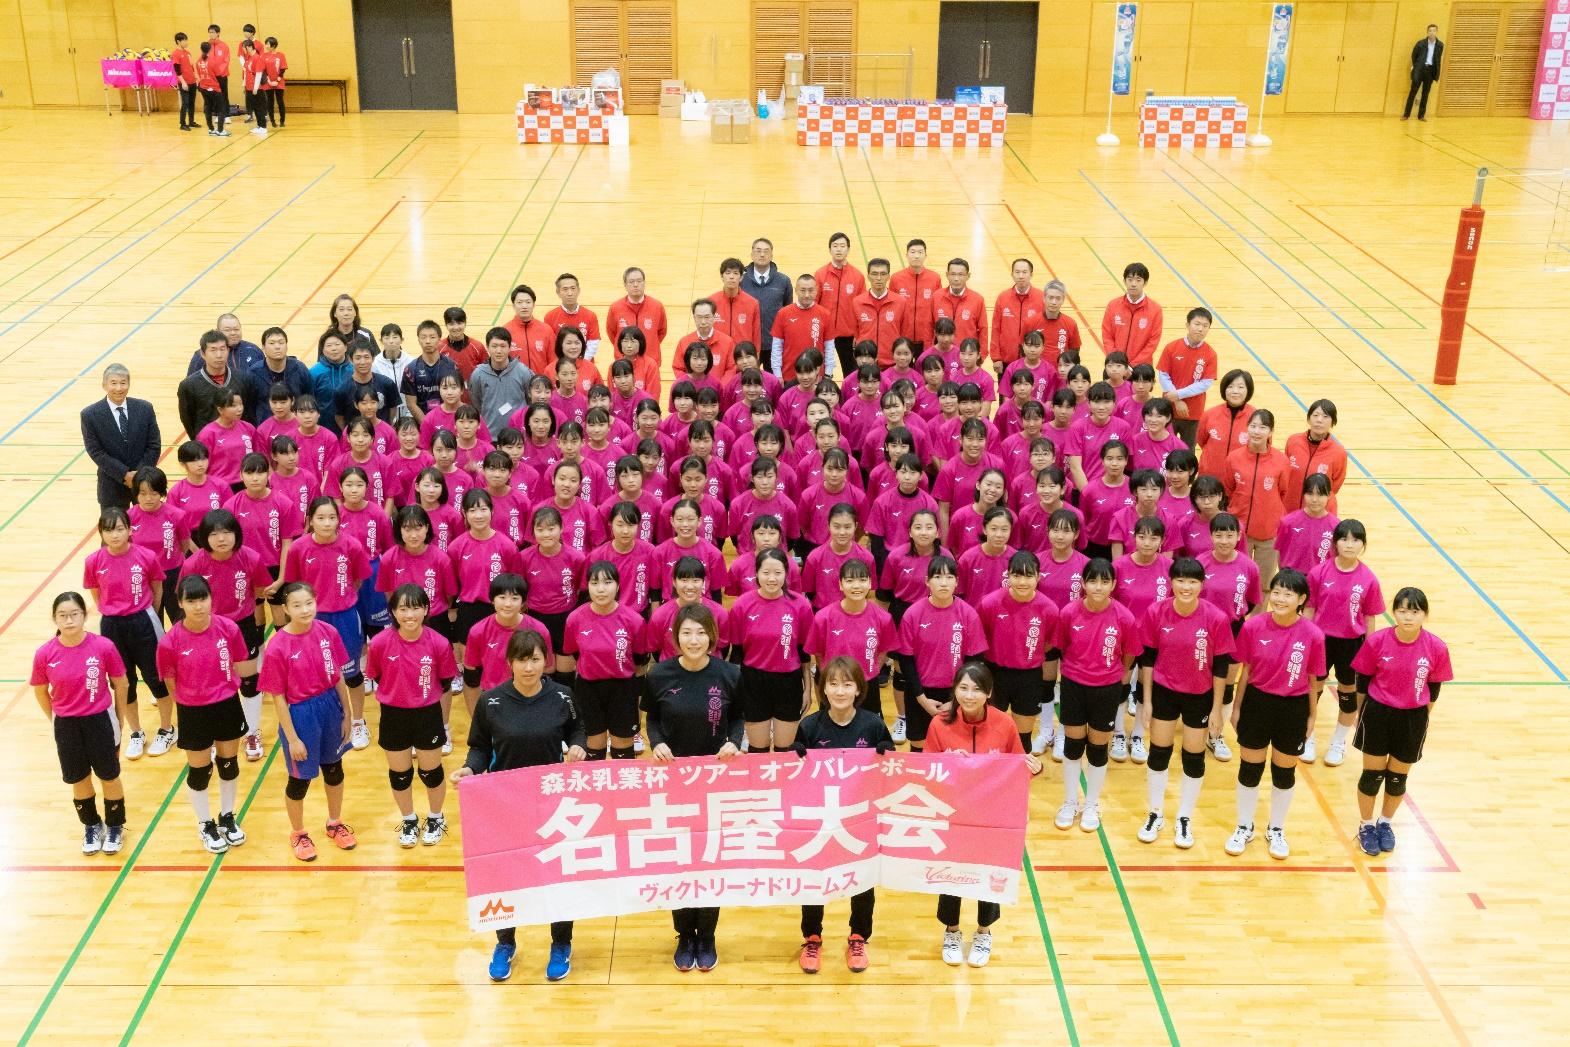 森永乳業杯ツアー オブ バレーボール2019 名古屋大会